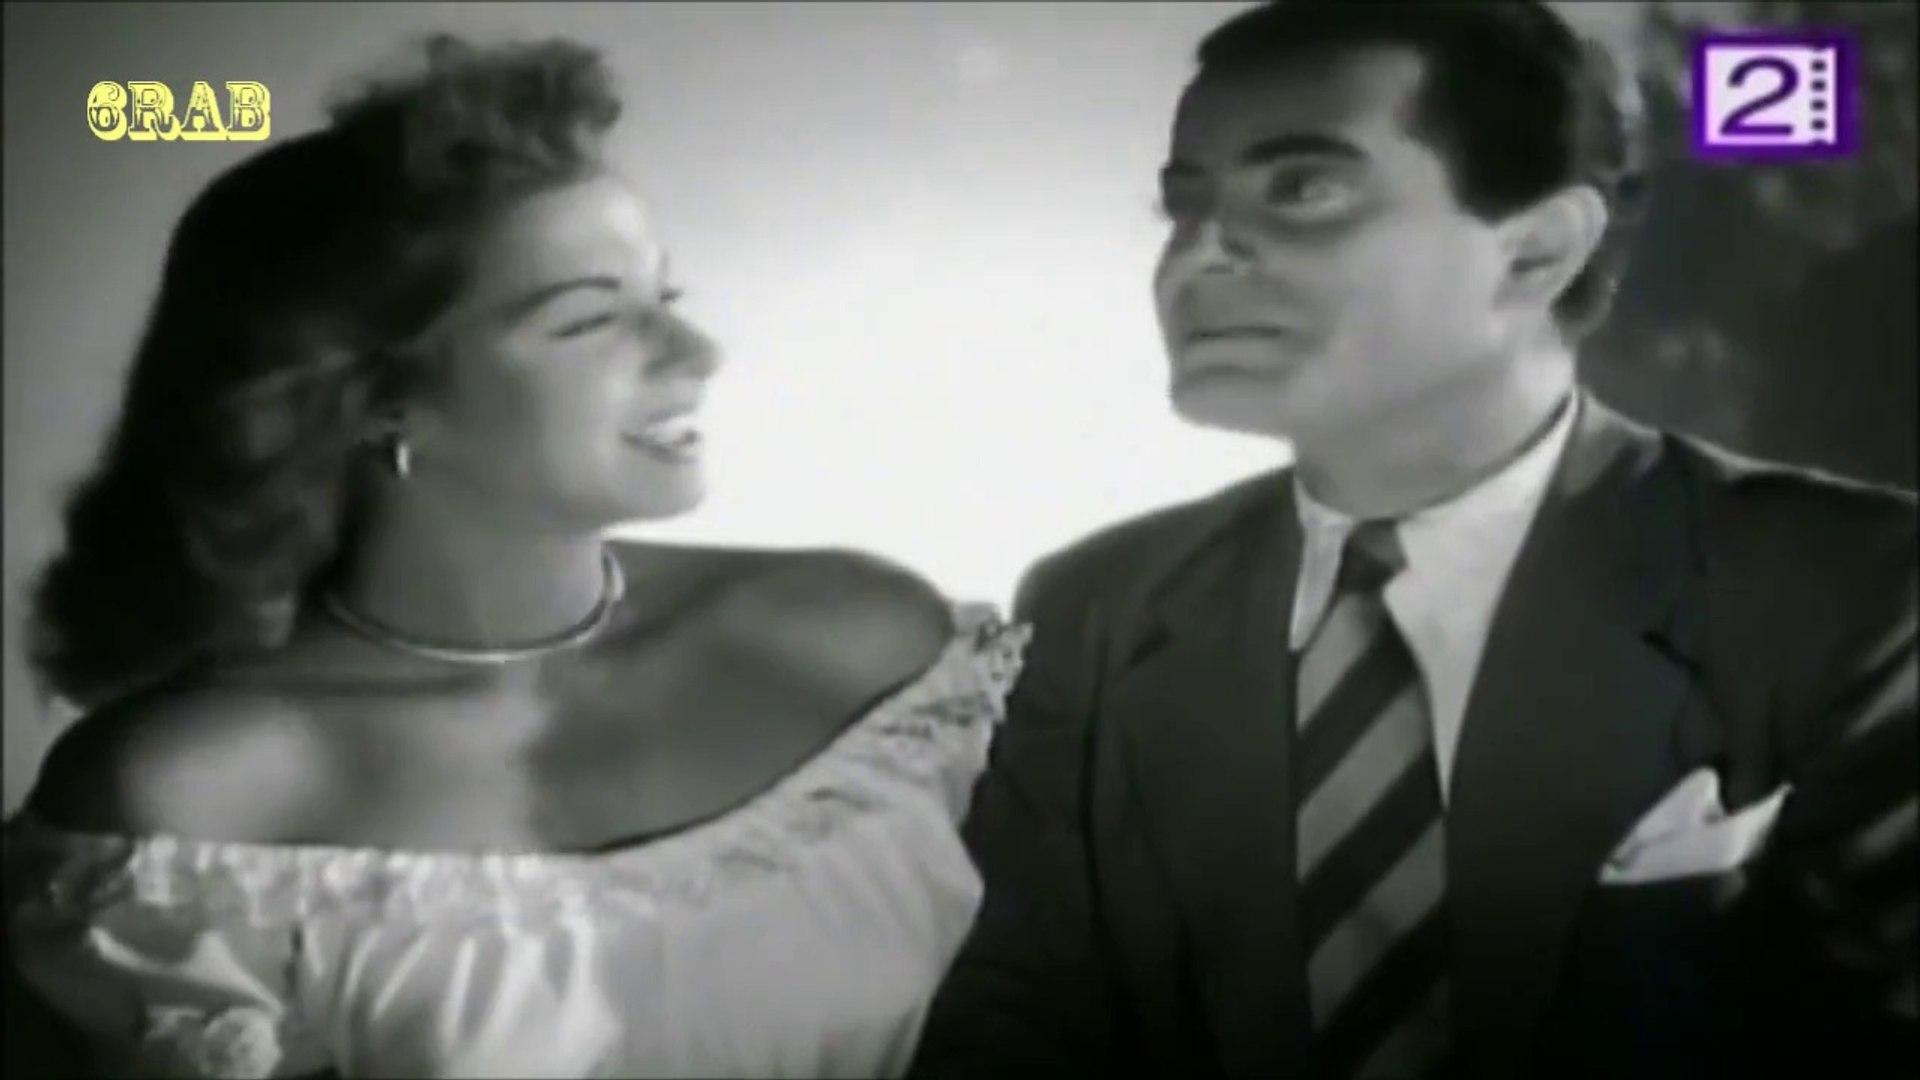 فريد الاطرش - الحب لحن جميل - فيلم احبك انت عام 1949م